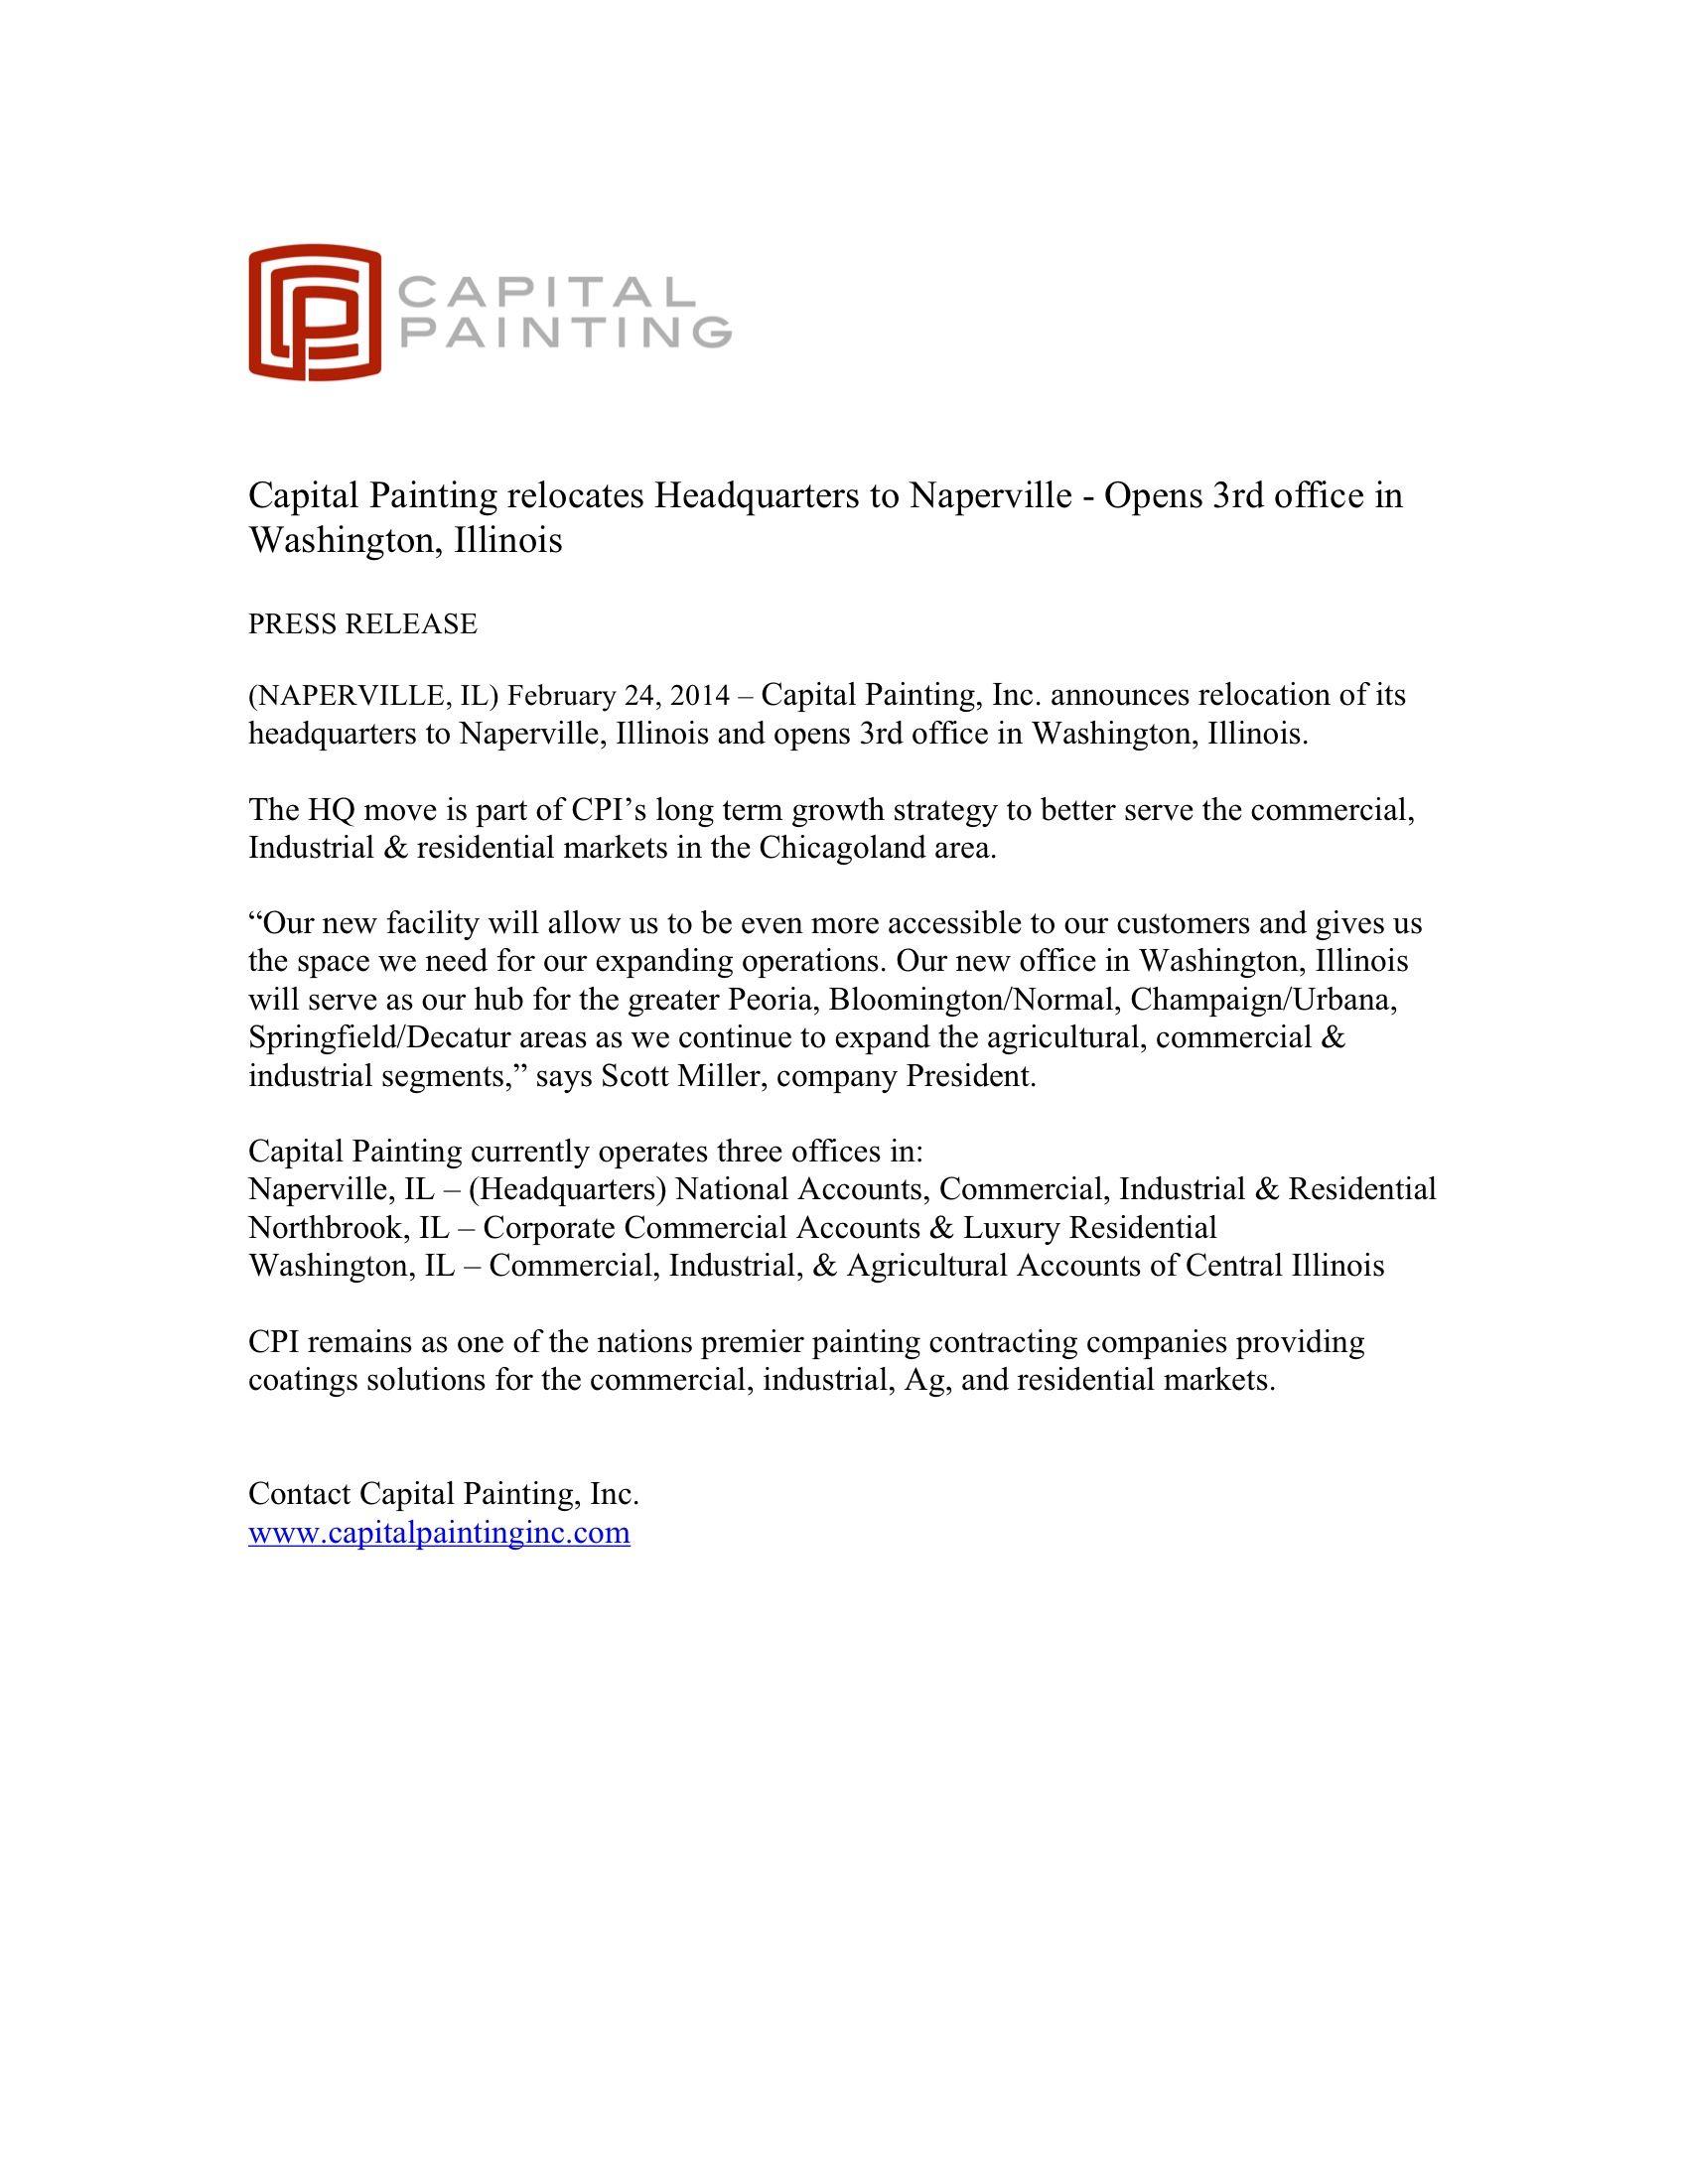 CP Press Release